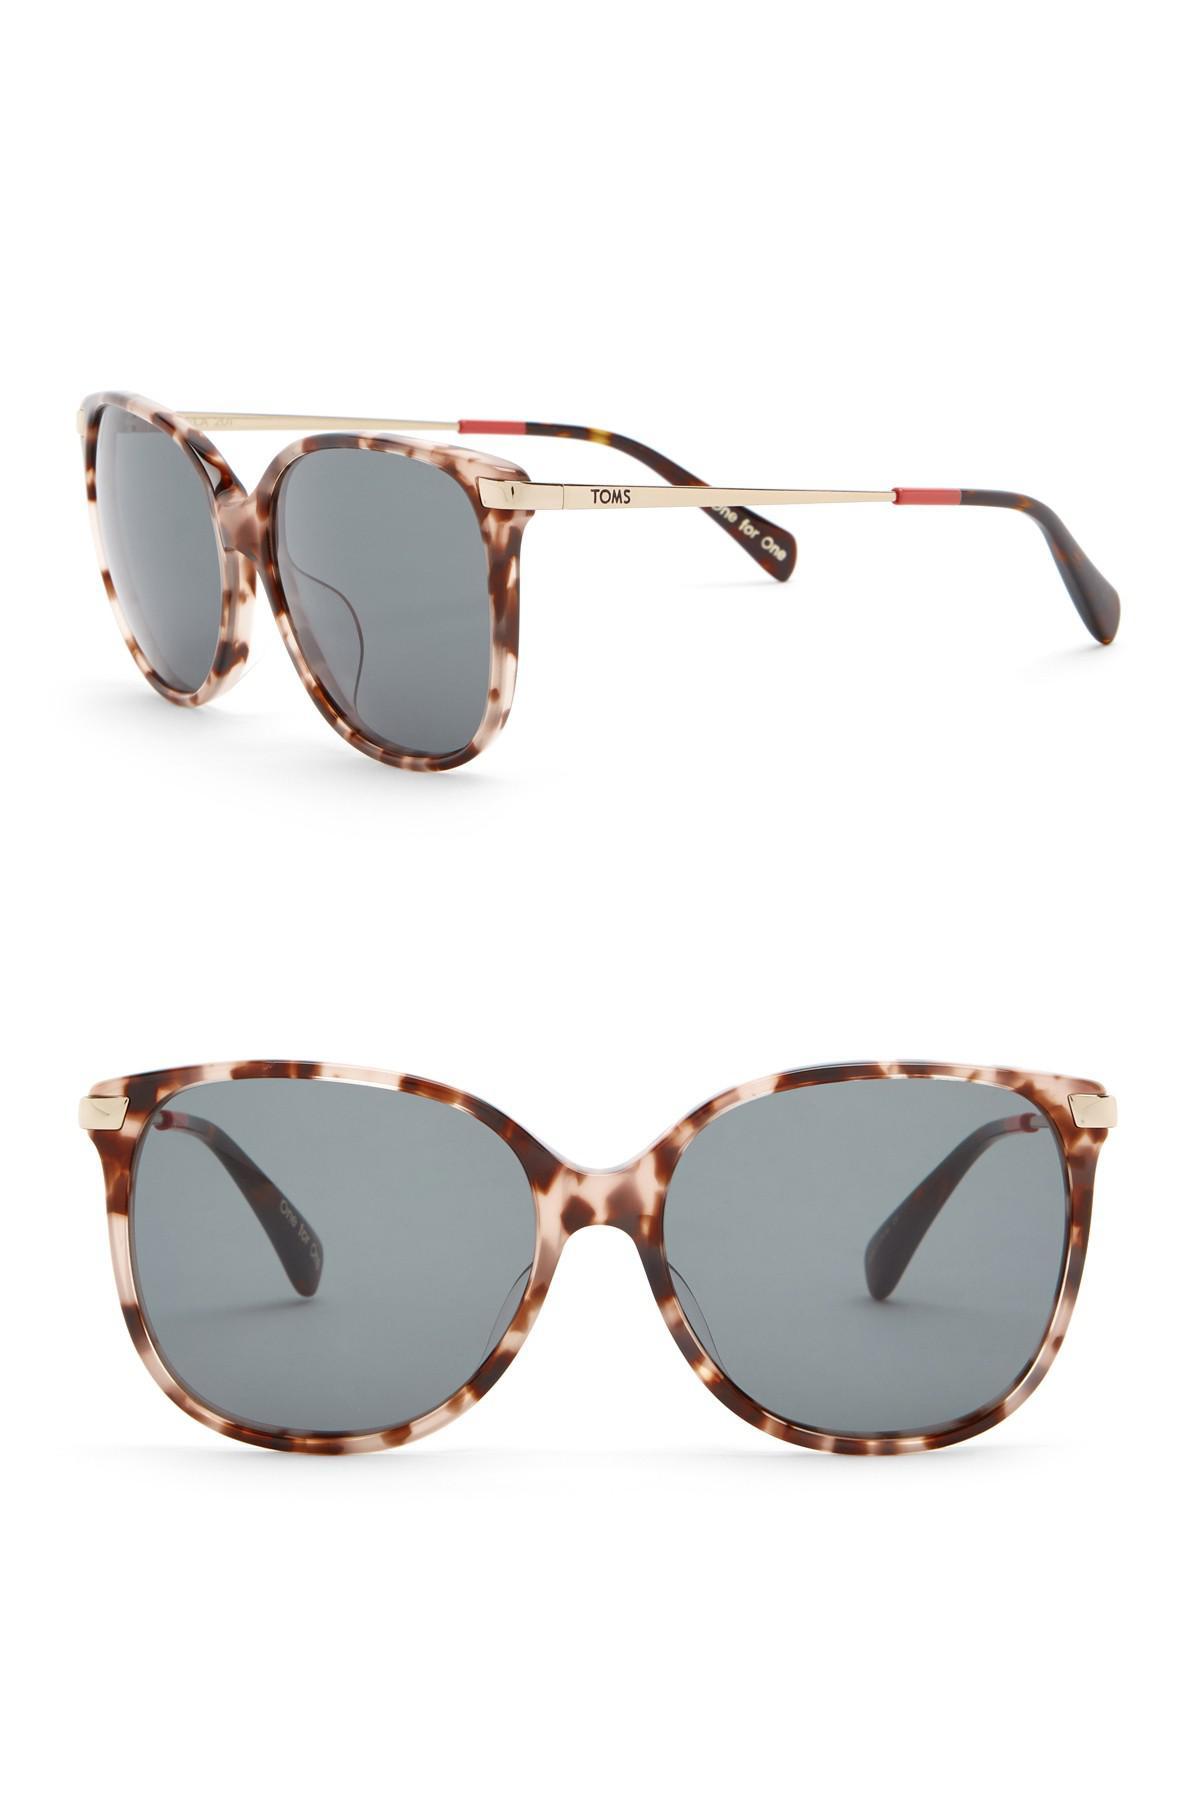 39e9928e9a5 TOMS Sandela 55mm Oversized Sunglasses - Lyst